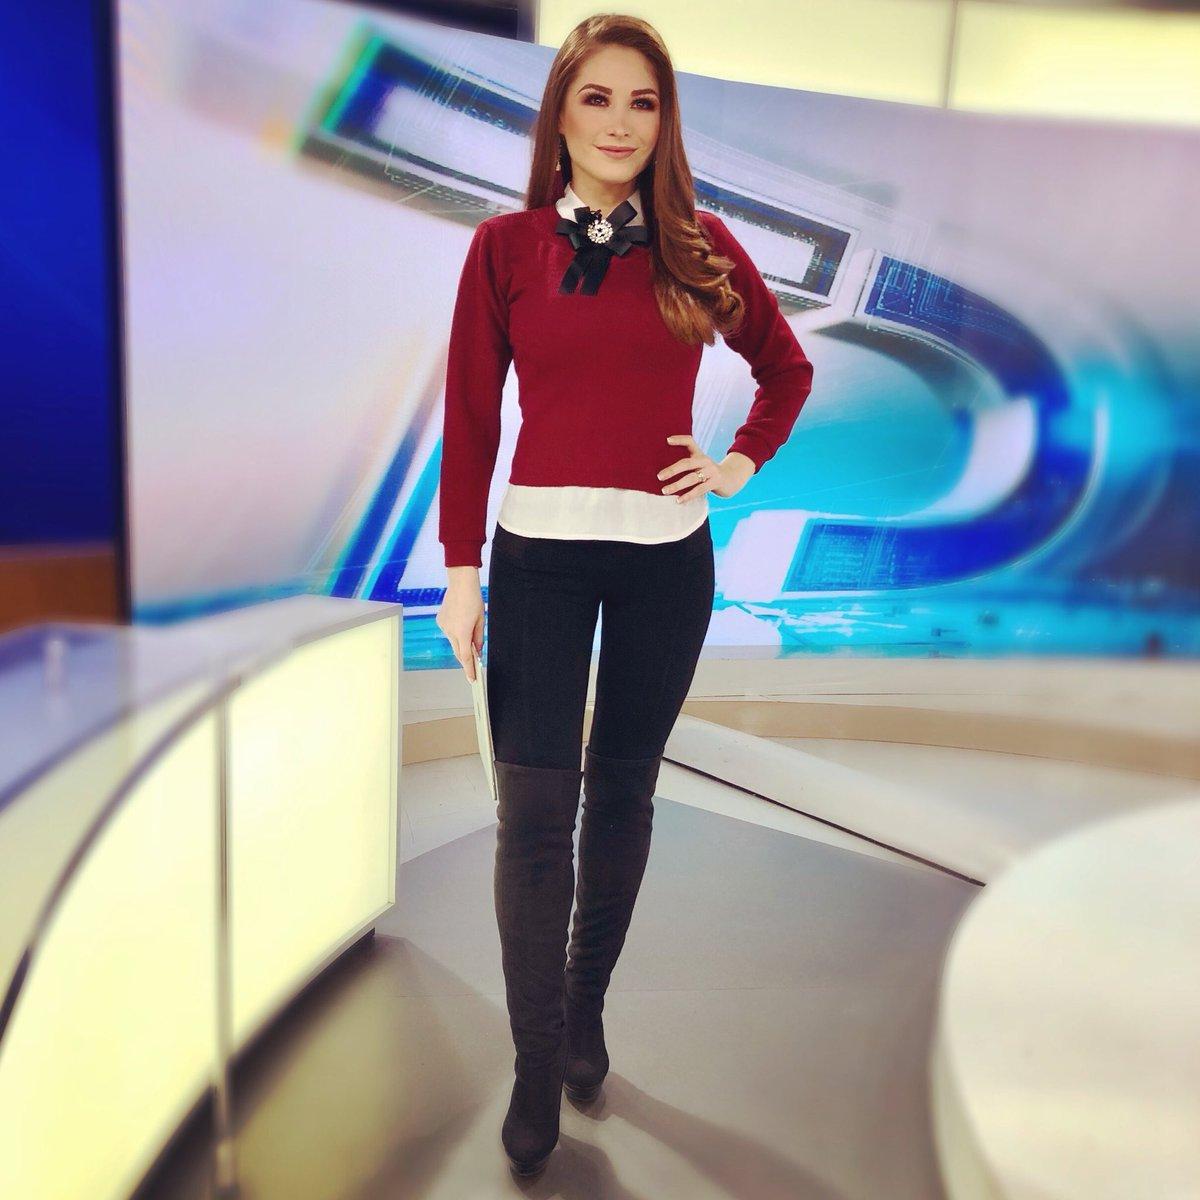 Sandra Sandoval's photo on #FelizMartes